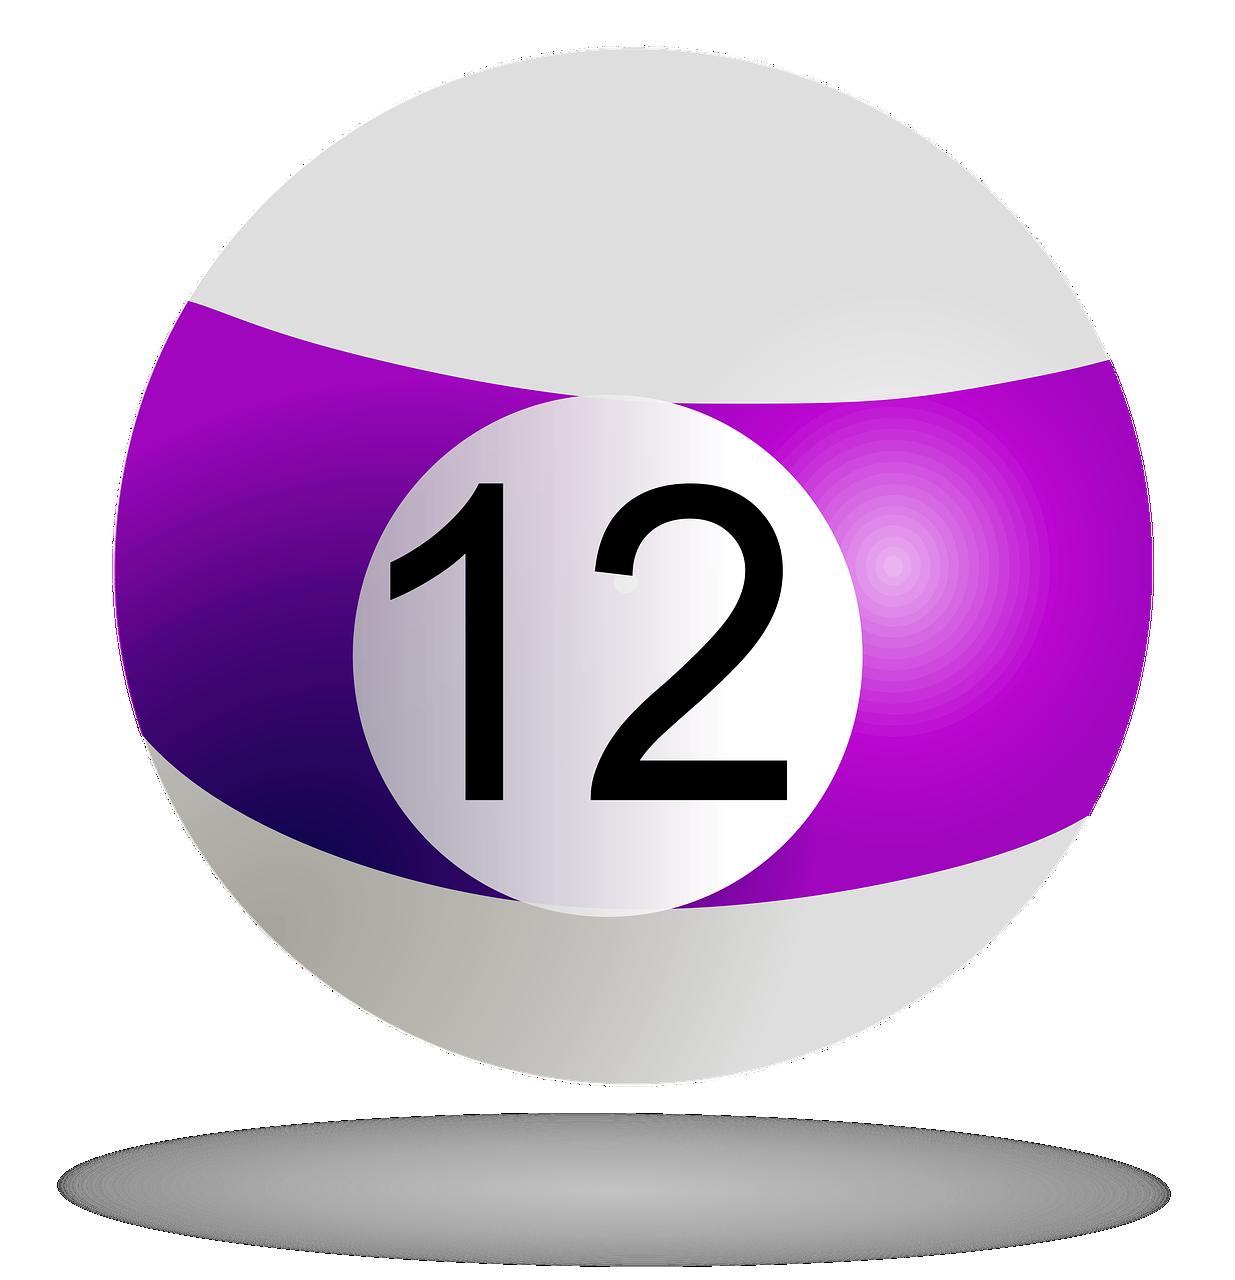 billiard ball, purple, 12